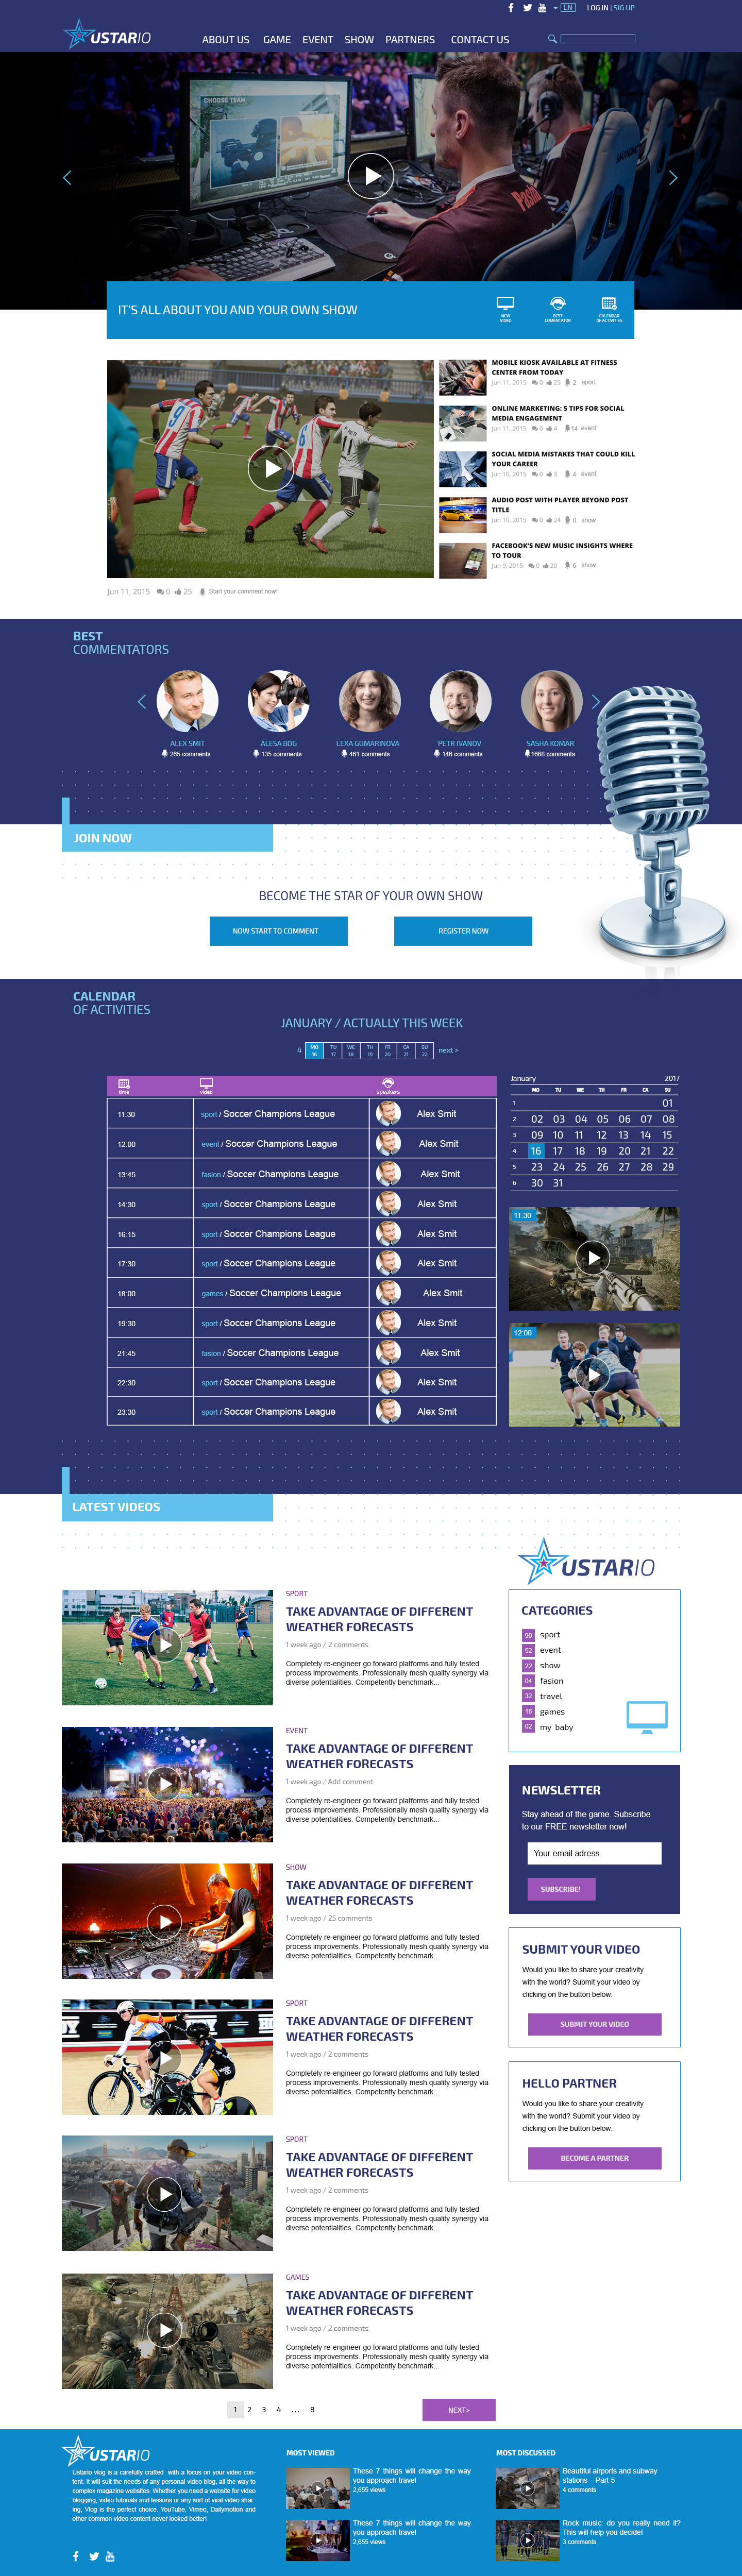 Проект социальной платформы Ustario